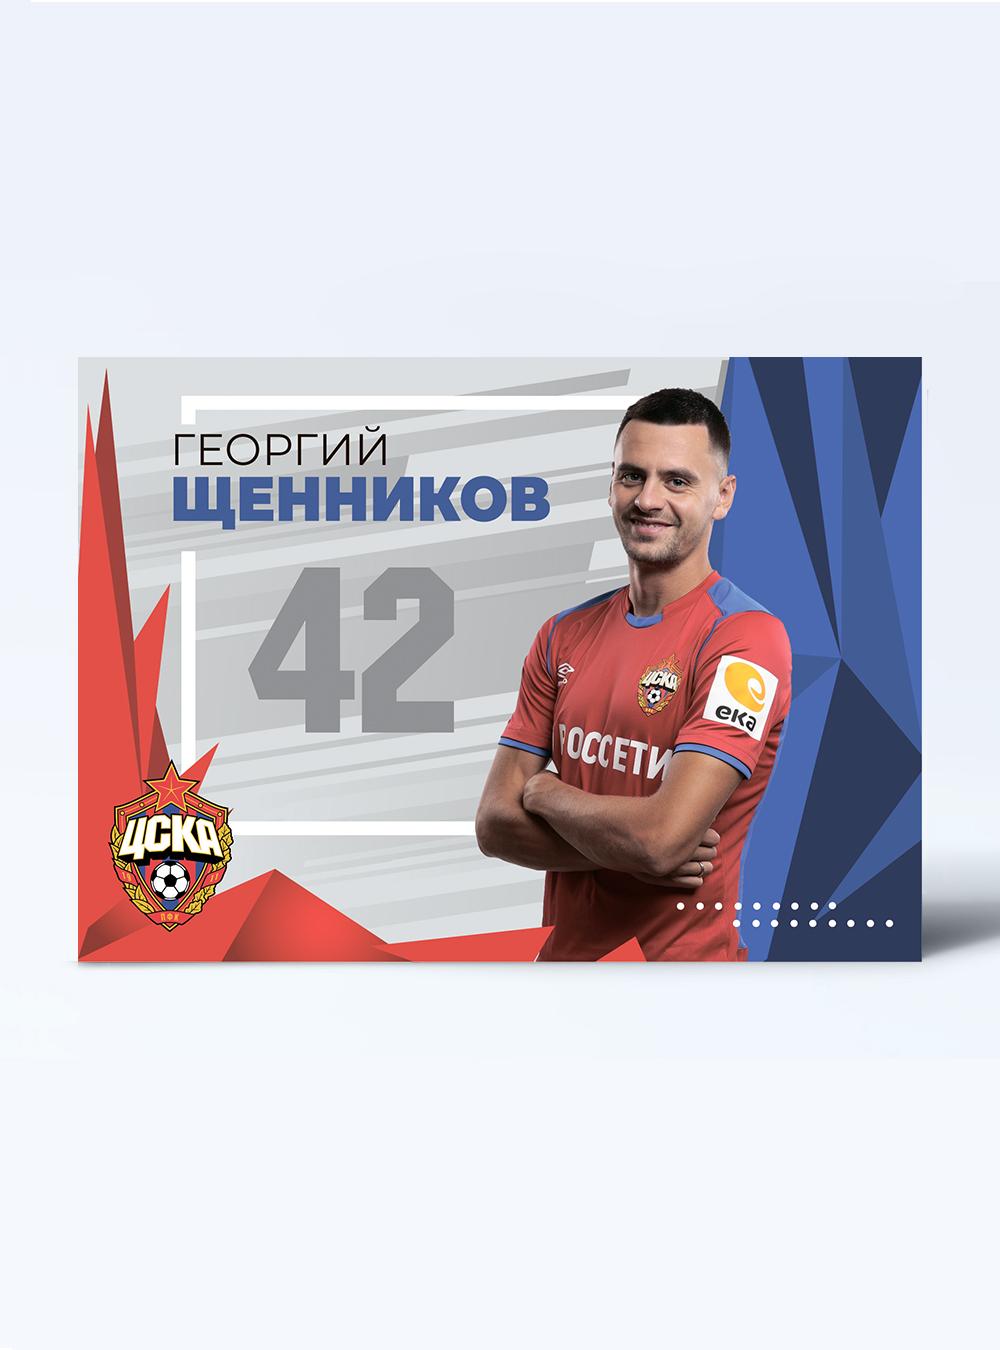 Карточка для автографа Щенников 2019/2020 фото